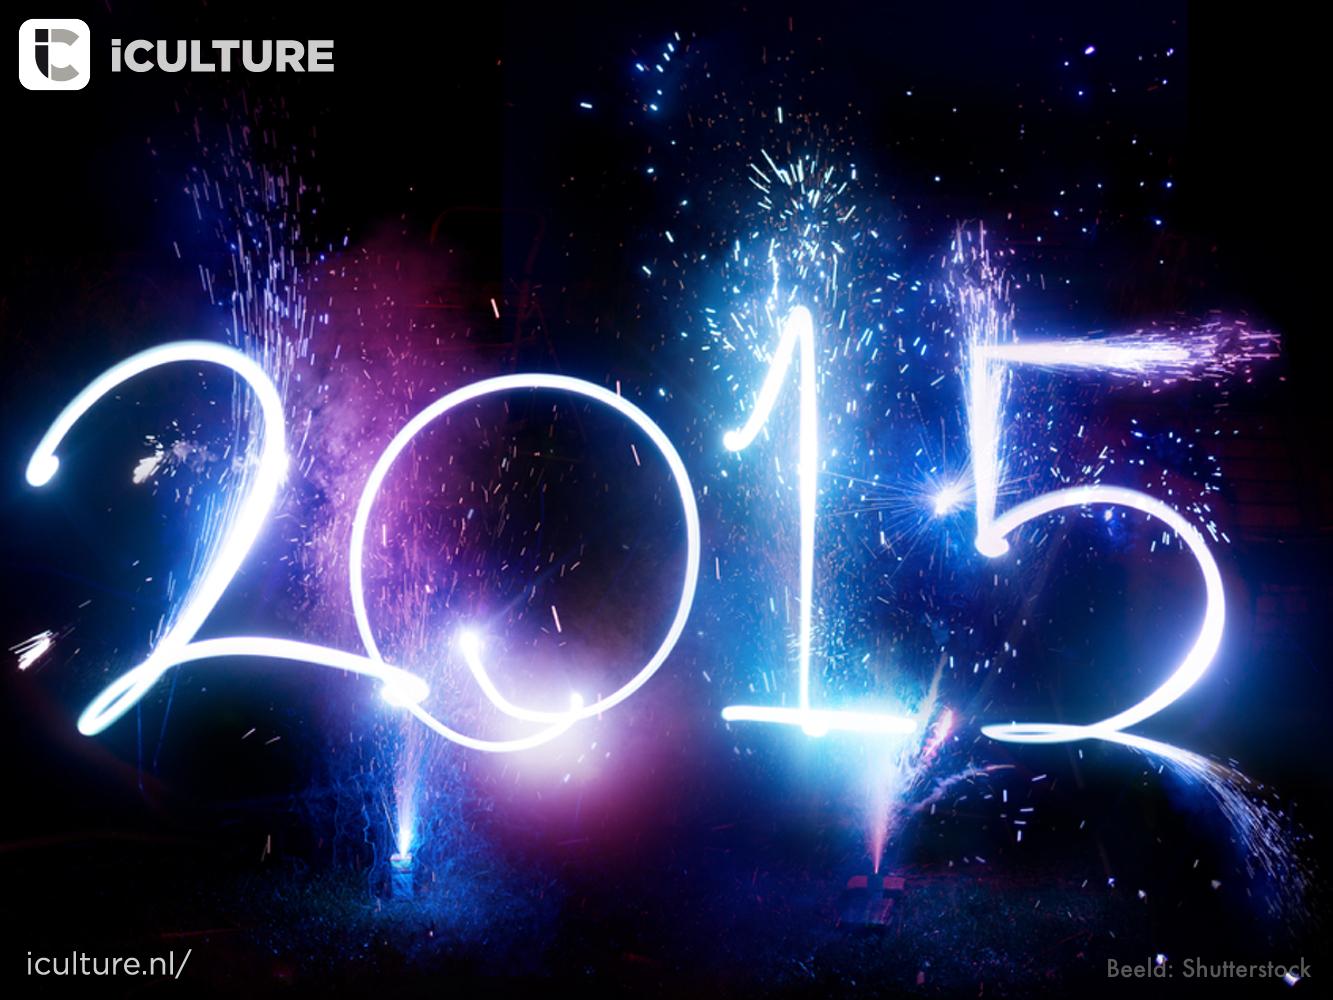 iCulture 2015